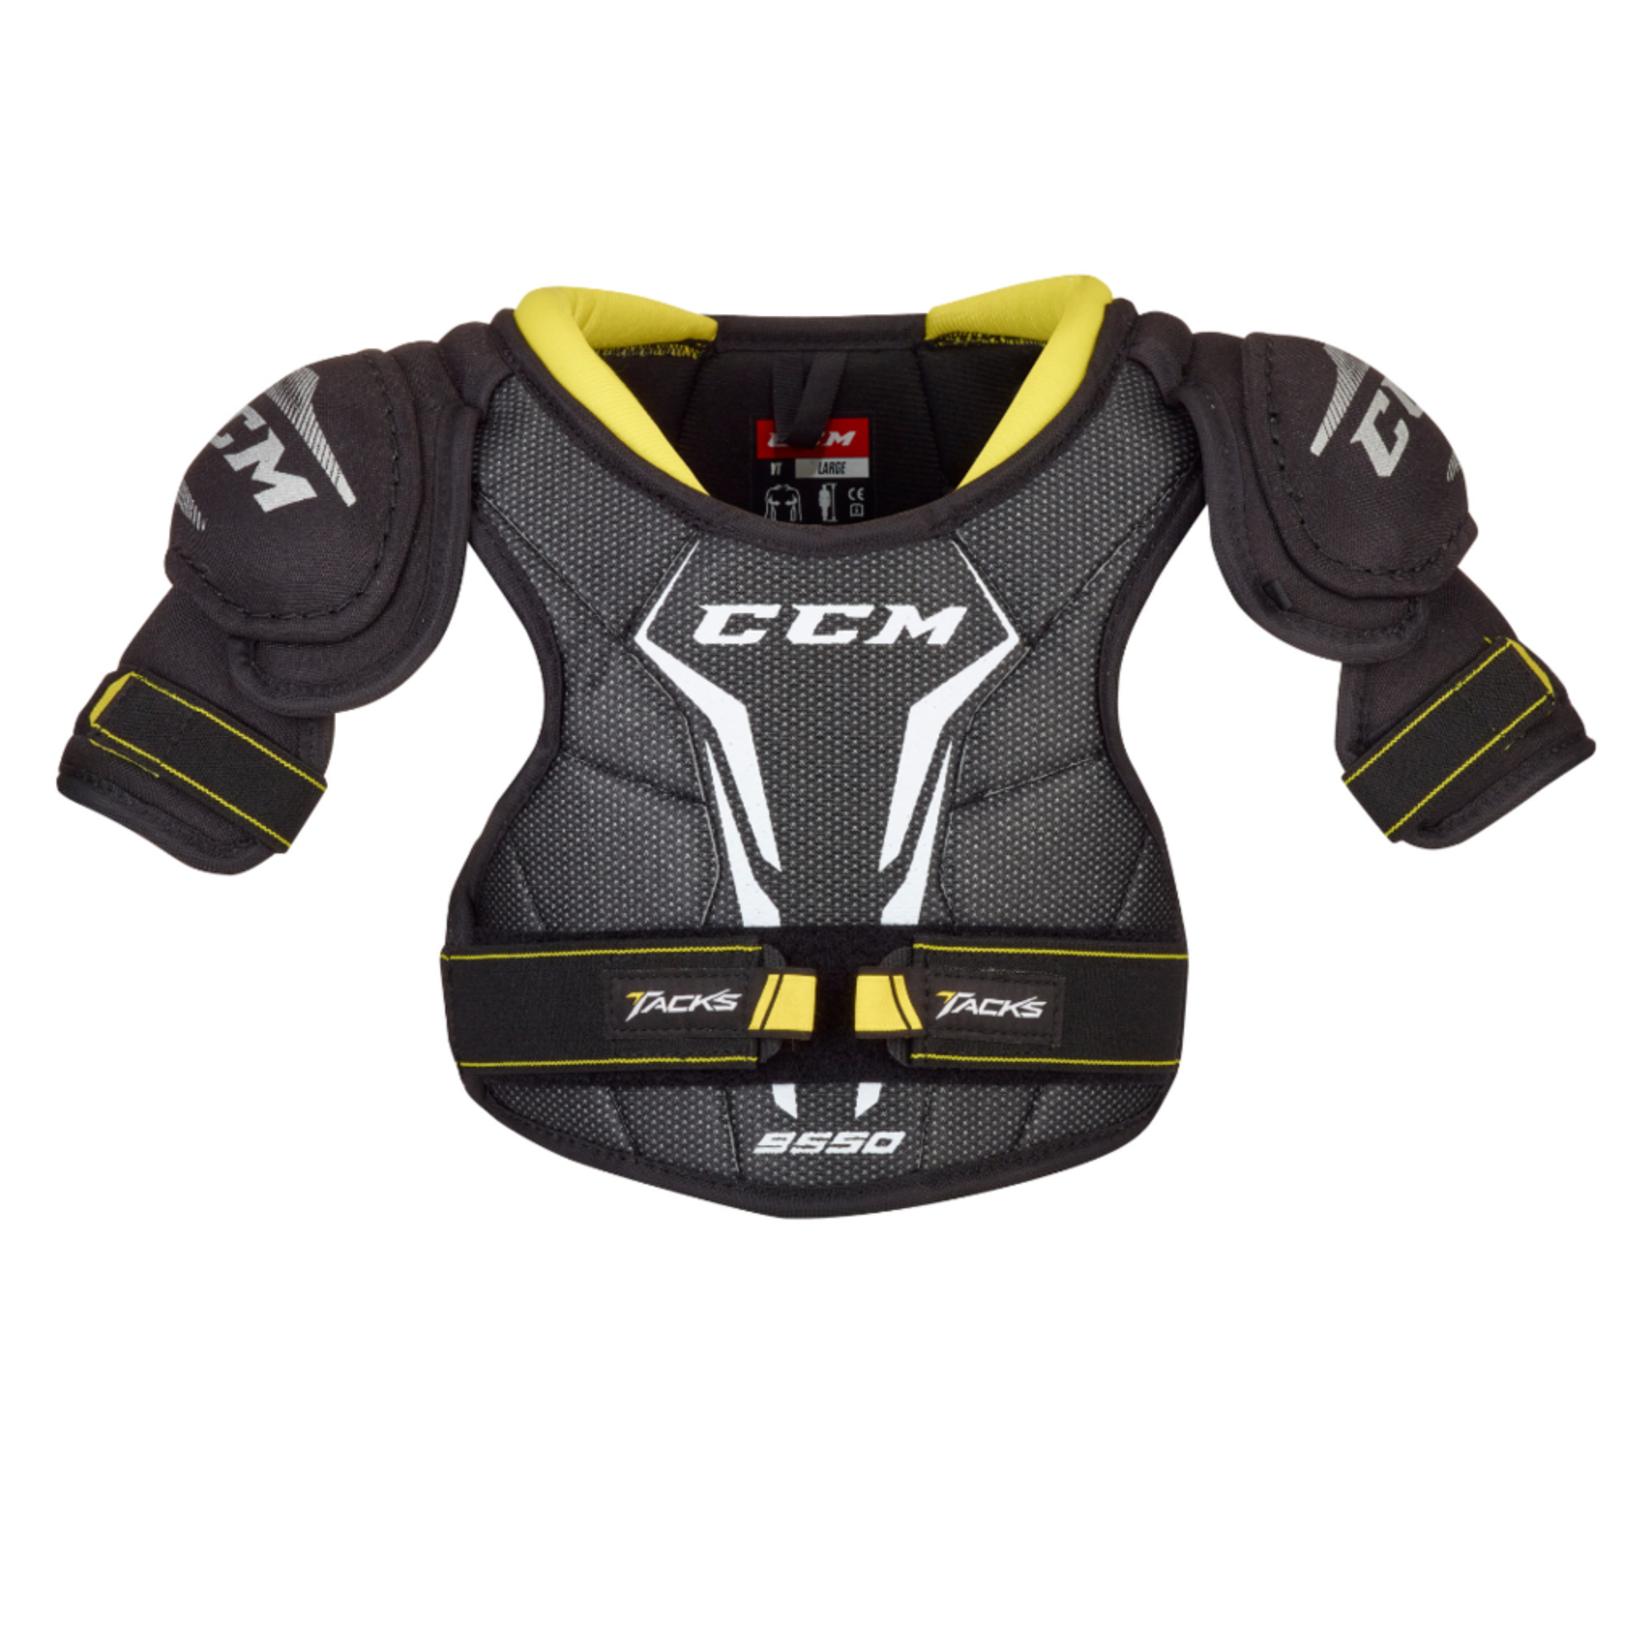 CCM CCM Hockey Shoulder Pads, Tacks 9550, Junior